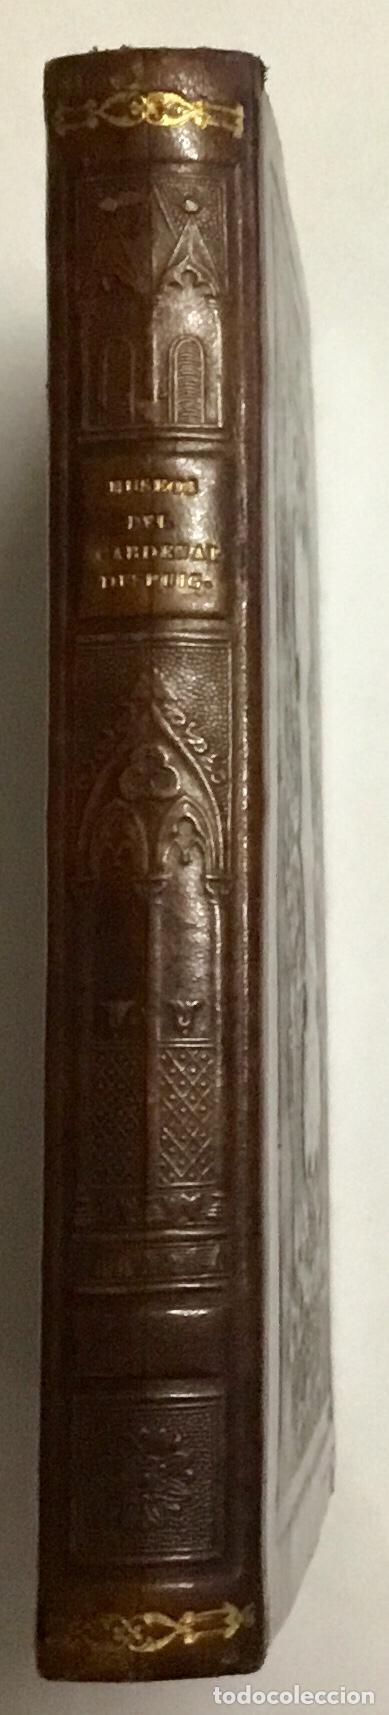 Libros antiguos: NOTICIA DE LOS MUSEOS DEL SEÑOR CARDENAL DESPUIG EXISTENTES EN MALLORCA. - BOVER, Joaquín María. - Foto 18 - 114797999